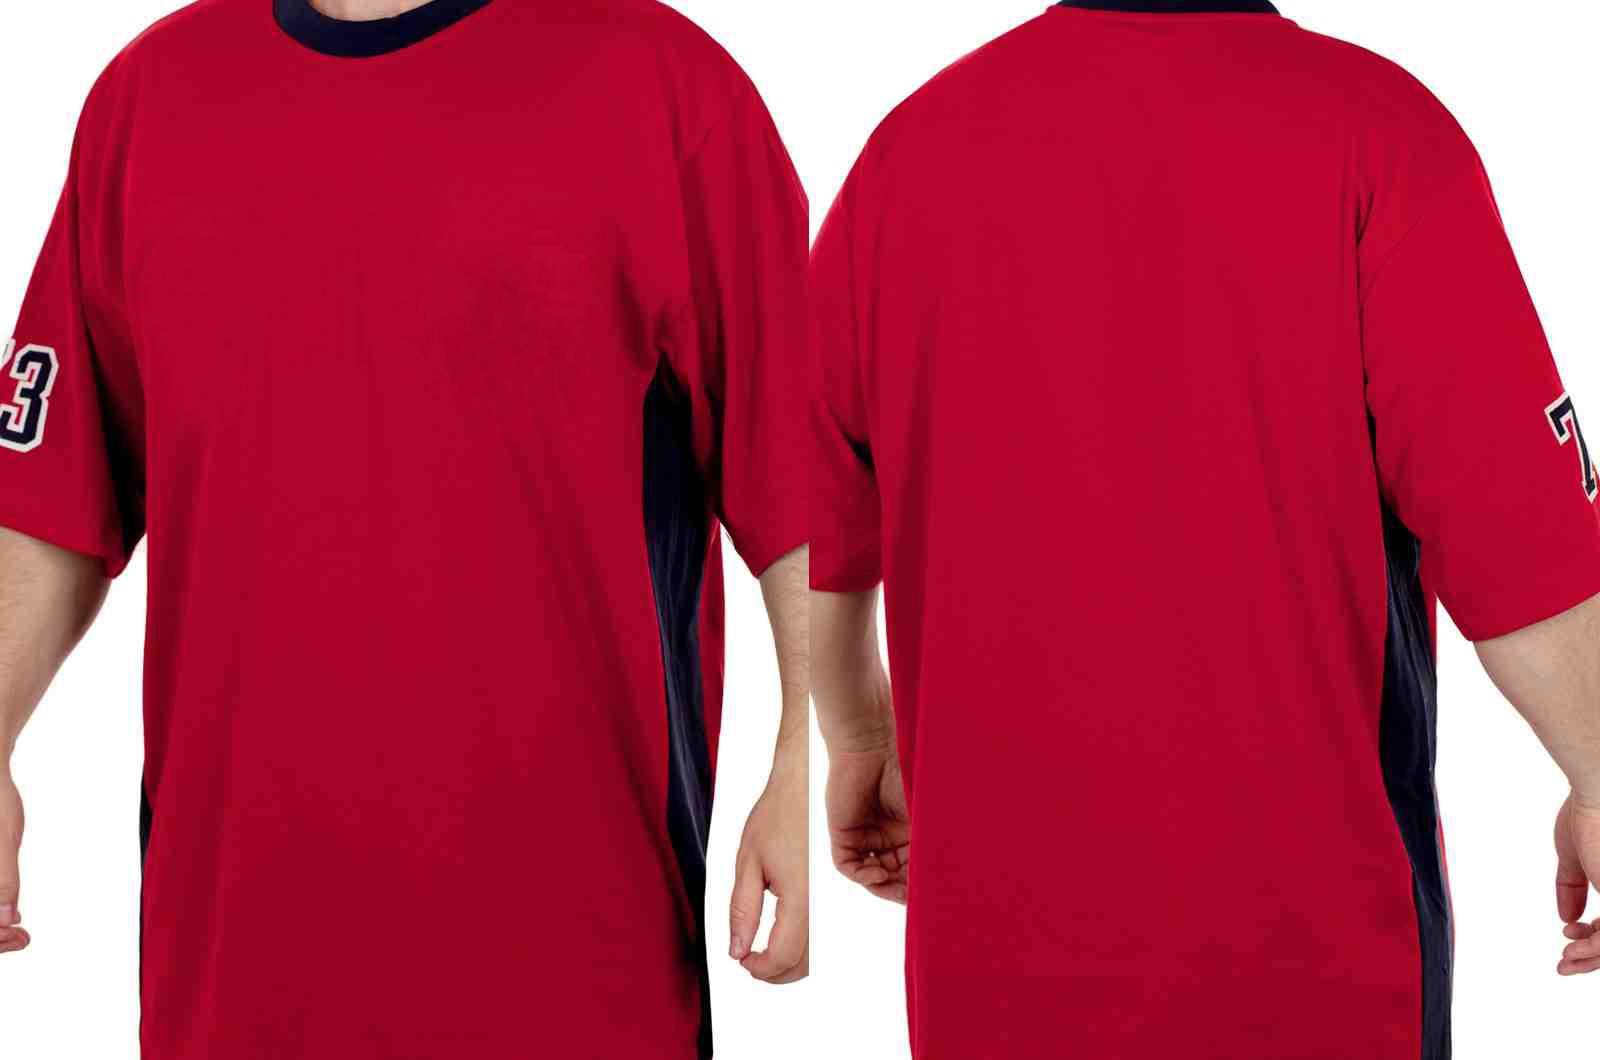 Свободная спортивная футболка для мужчин - купить онлайн